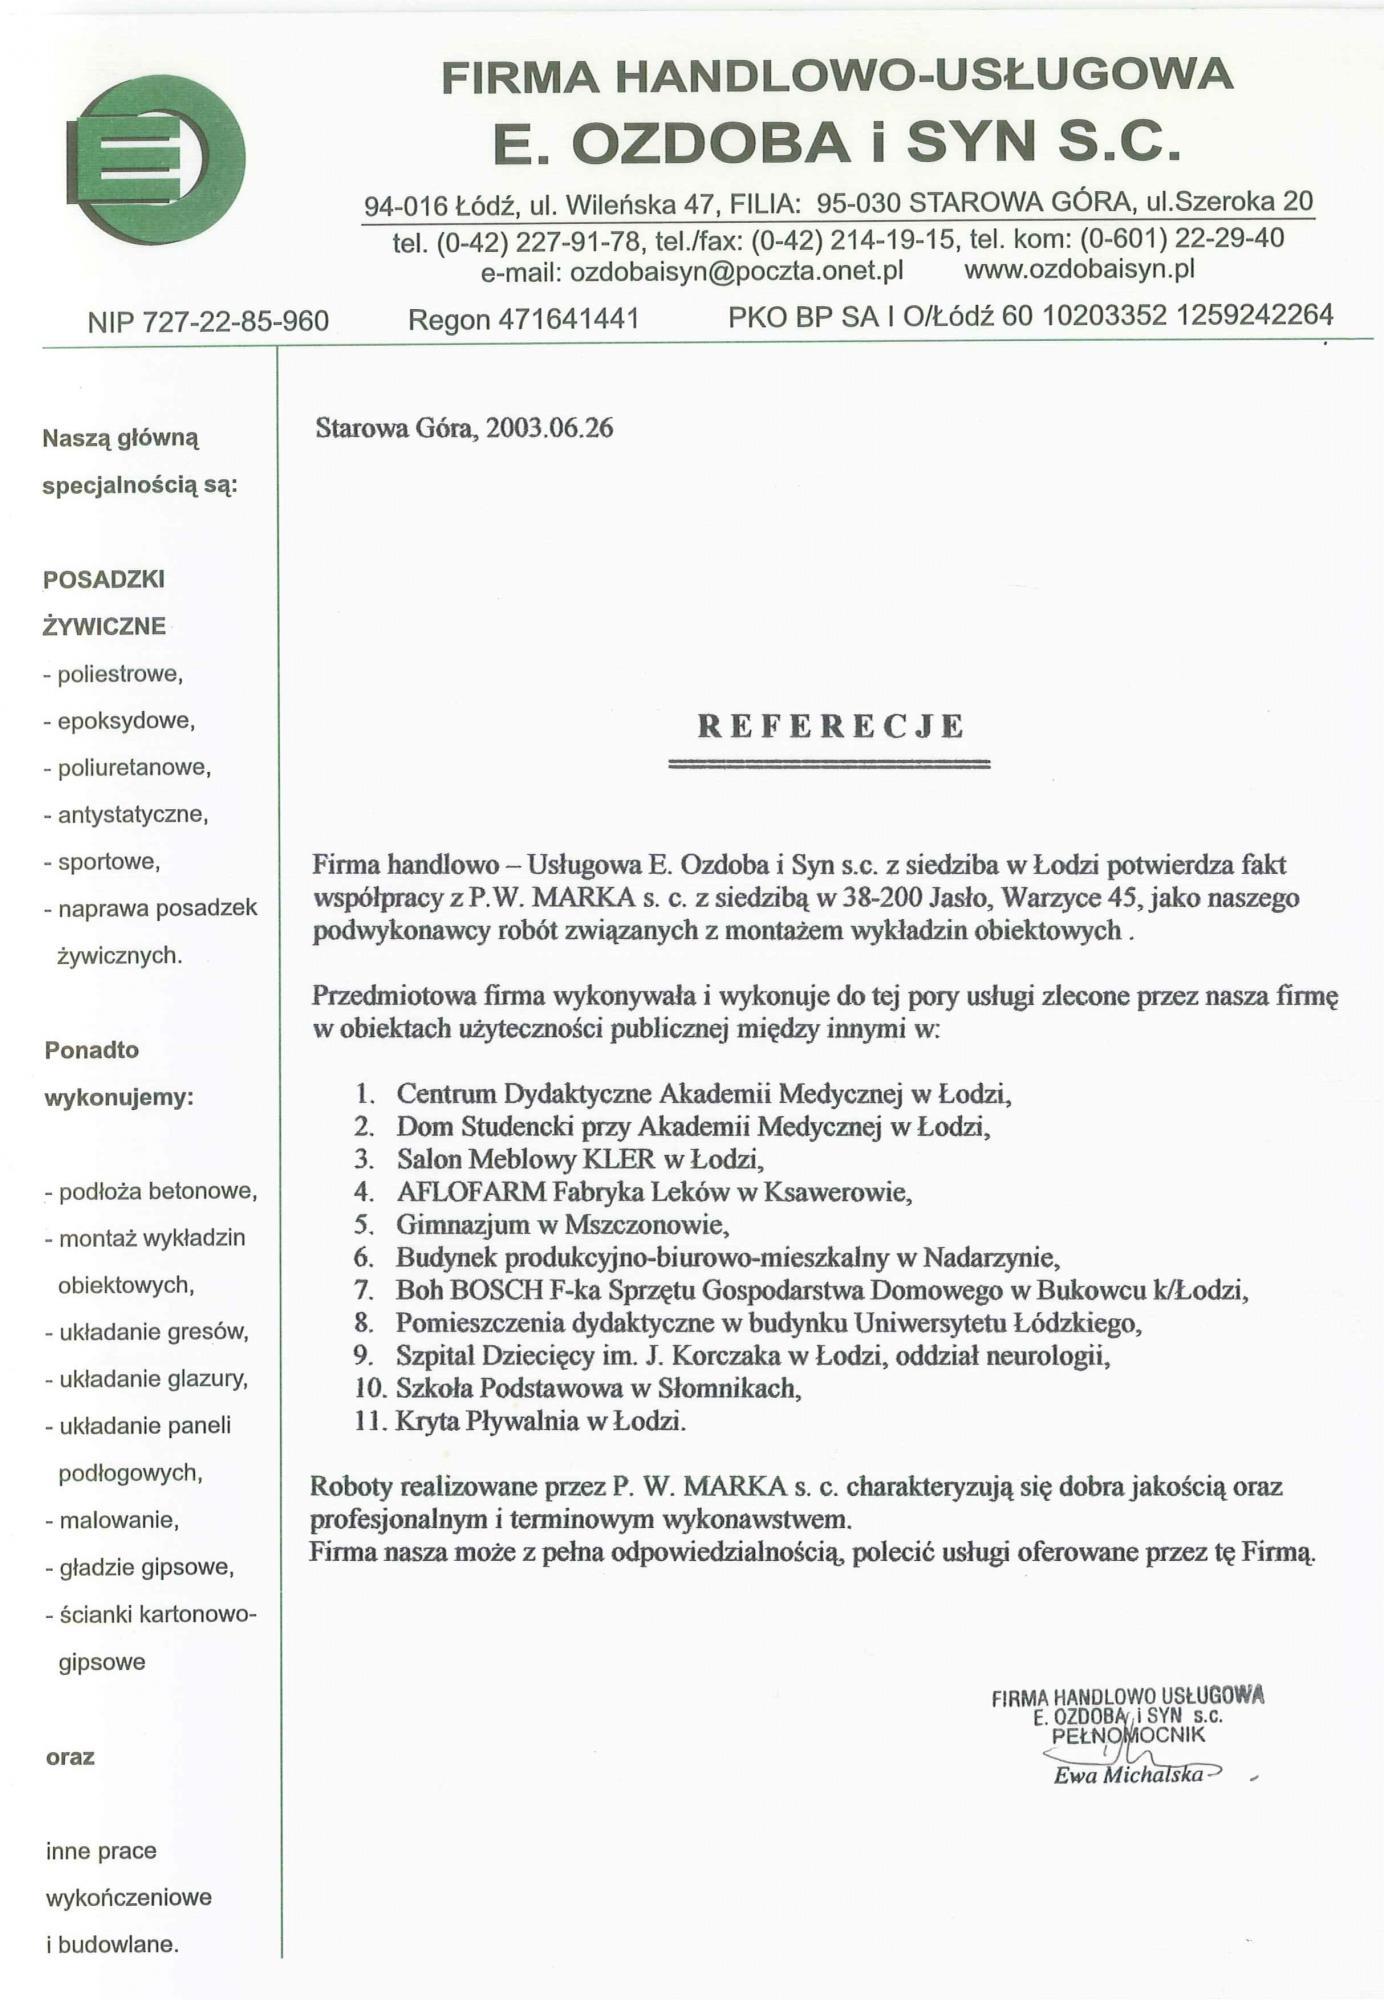 Referencje Ozdoba 2003